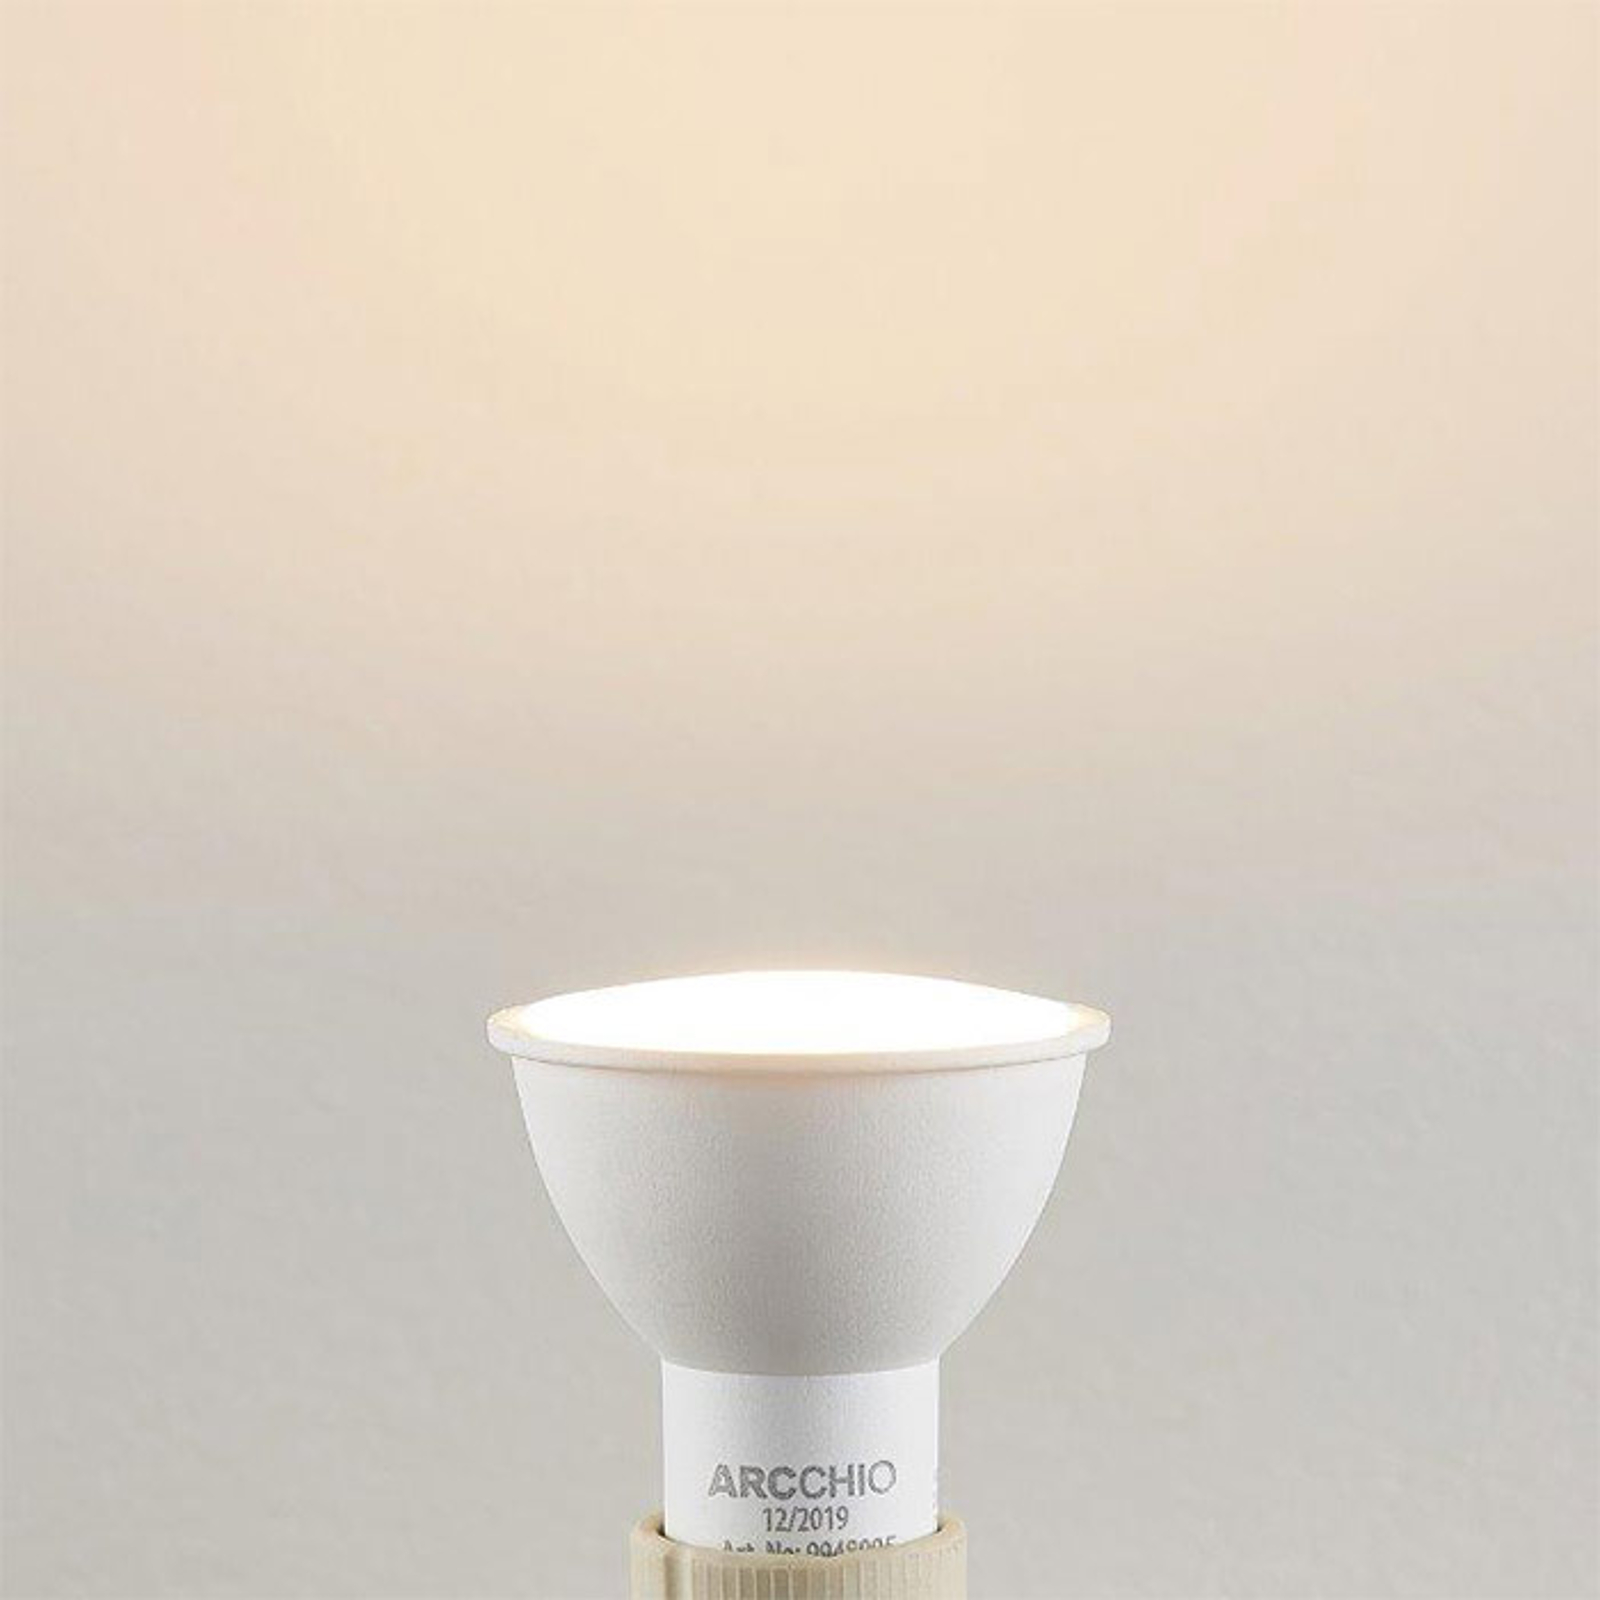 LED-reflector GU10 7W 3.000K 120°